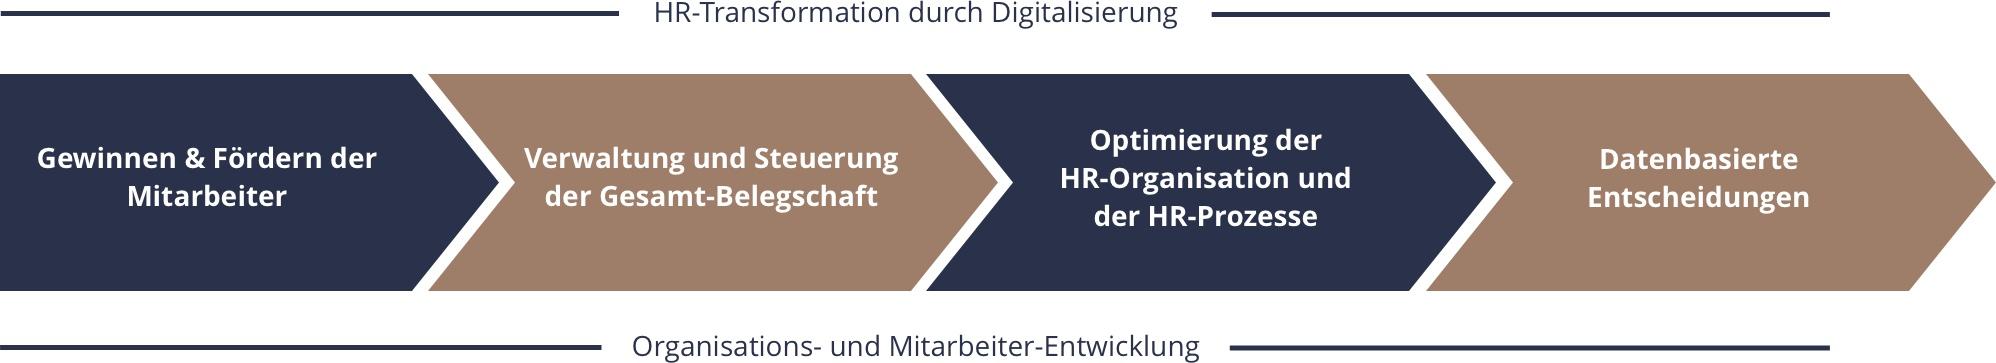 Grafik zur Transformatin durch Digitalisierung